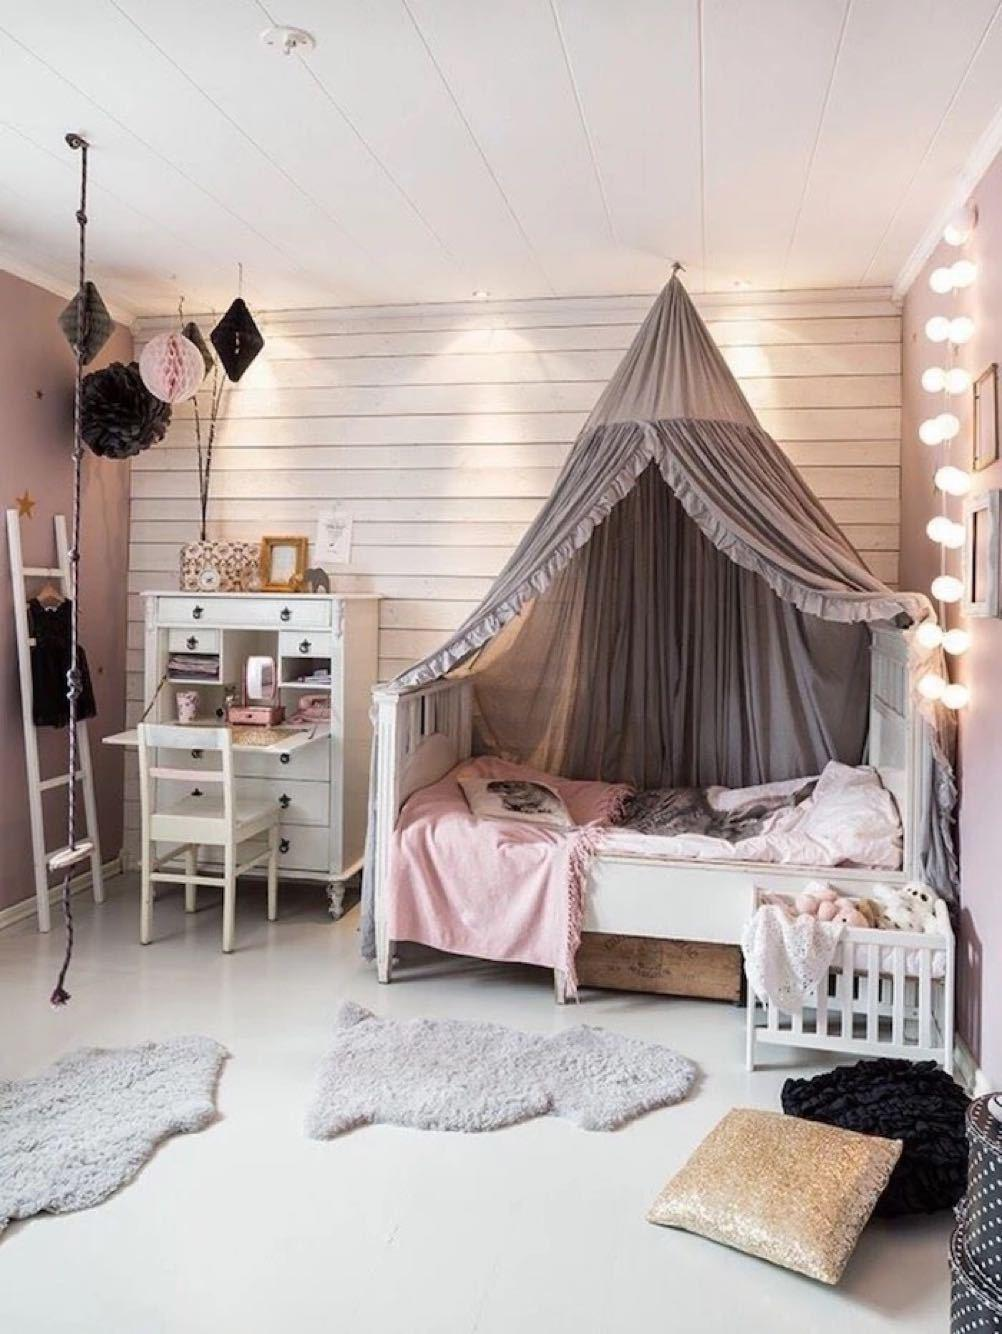 Großhandel Clover Language Baby Bettvorhang Moskitonetz Zelt Vordächer Für  Erwachsene Himmelbetten Kinder Kinderzimmer Dekoration Krippe Netting Von  ...